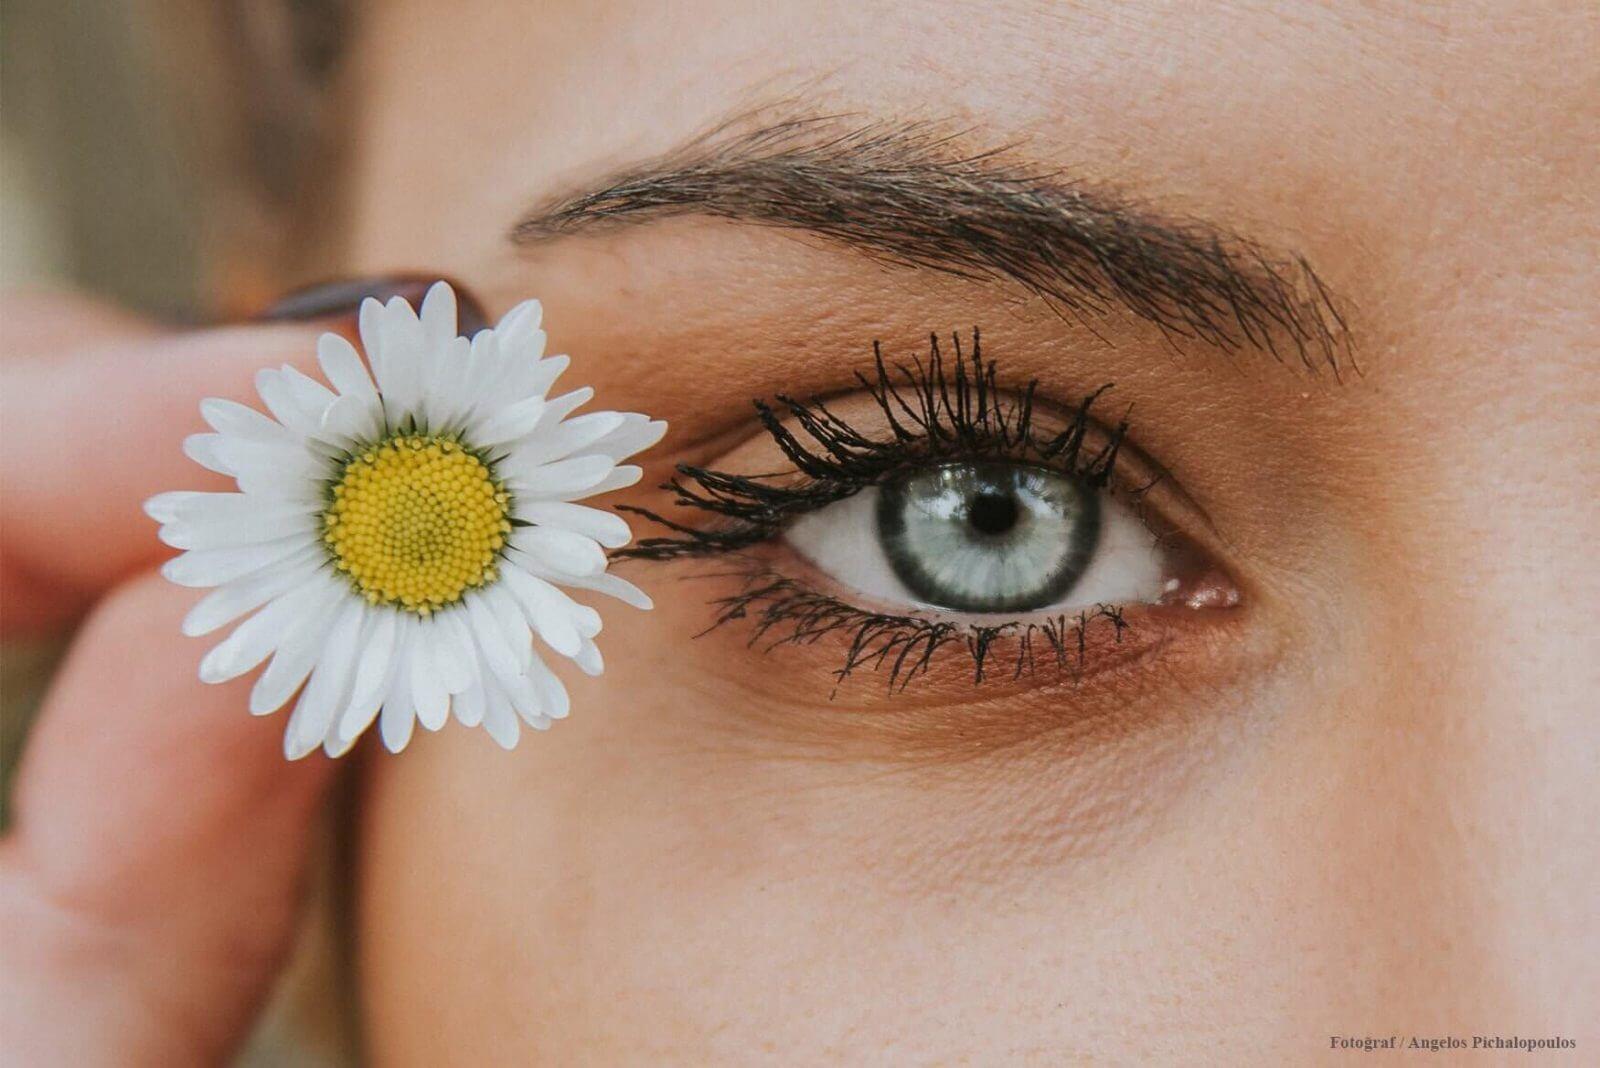 Yenilebilir Kozmetik Hakkinda Bilmeniz Gerekenler